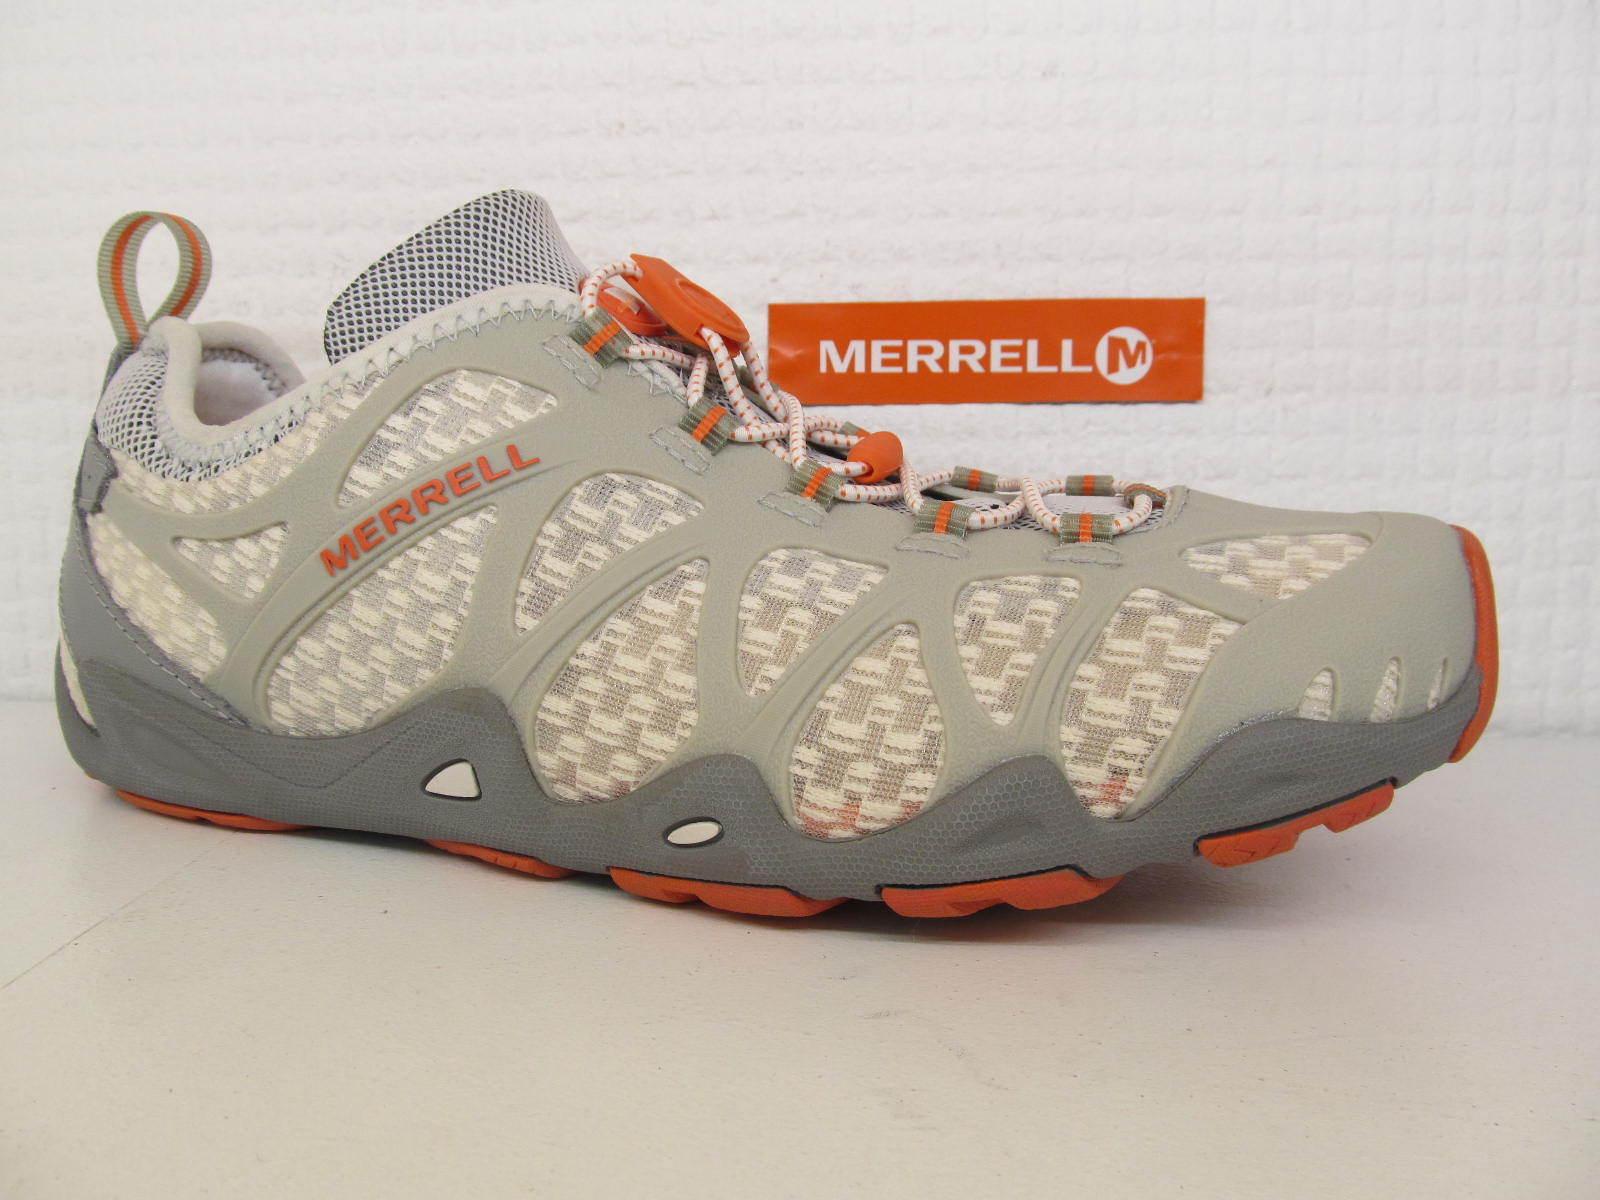 Descuento por tiempo limitado Merrell Aquaterra Nymph Ladies Womens Ice Grey Slip On Toggle Wet Trainer Shoe